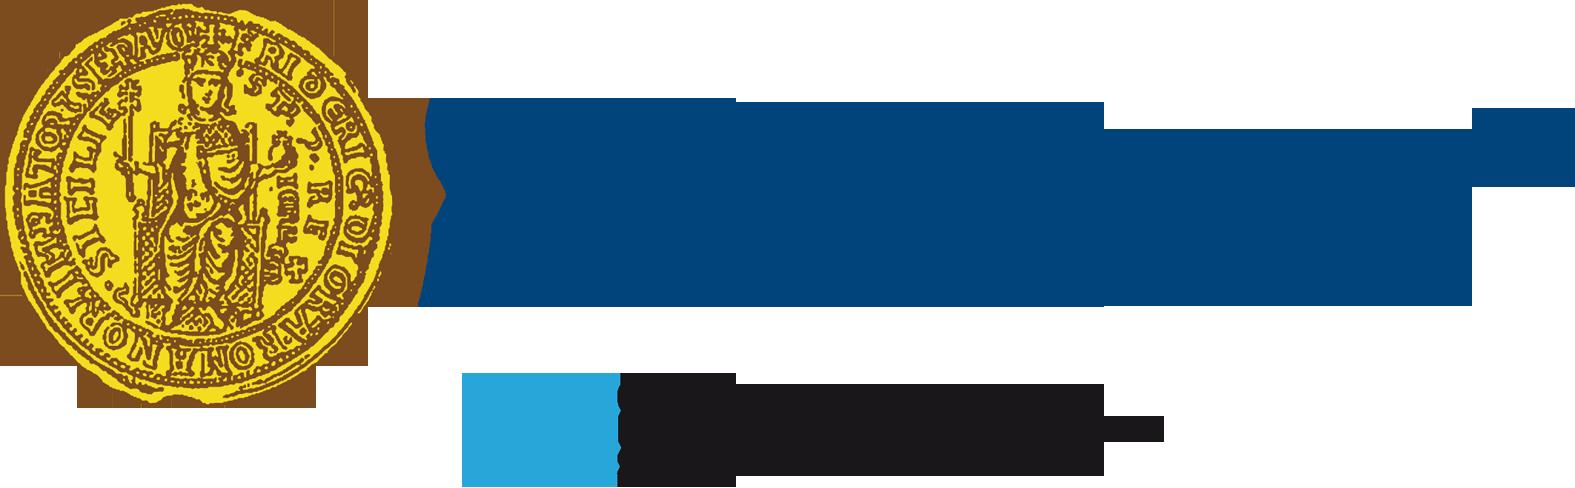 Camera Di Commercio Italo Orientale